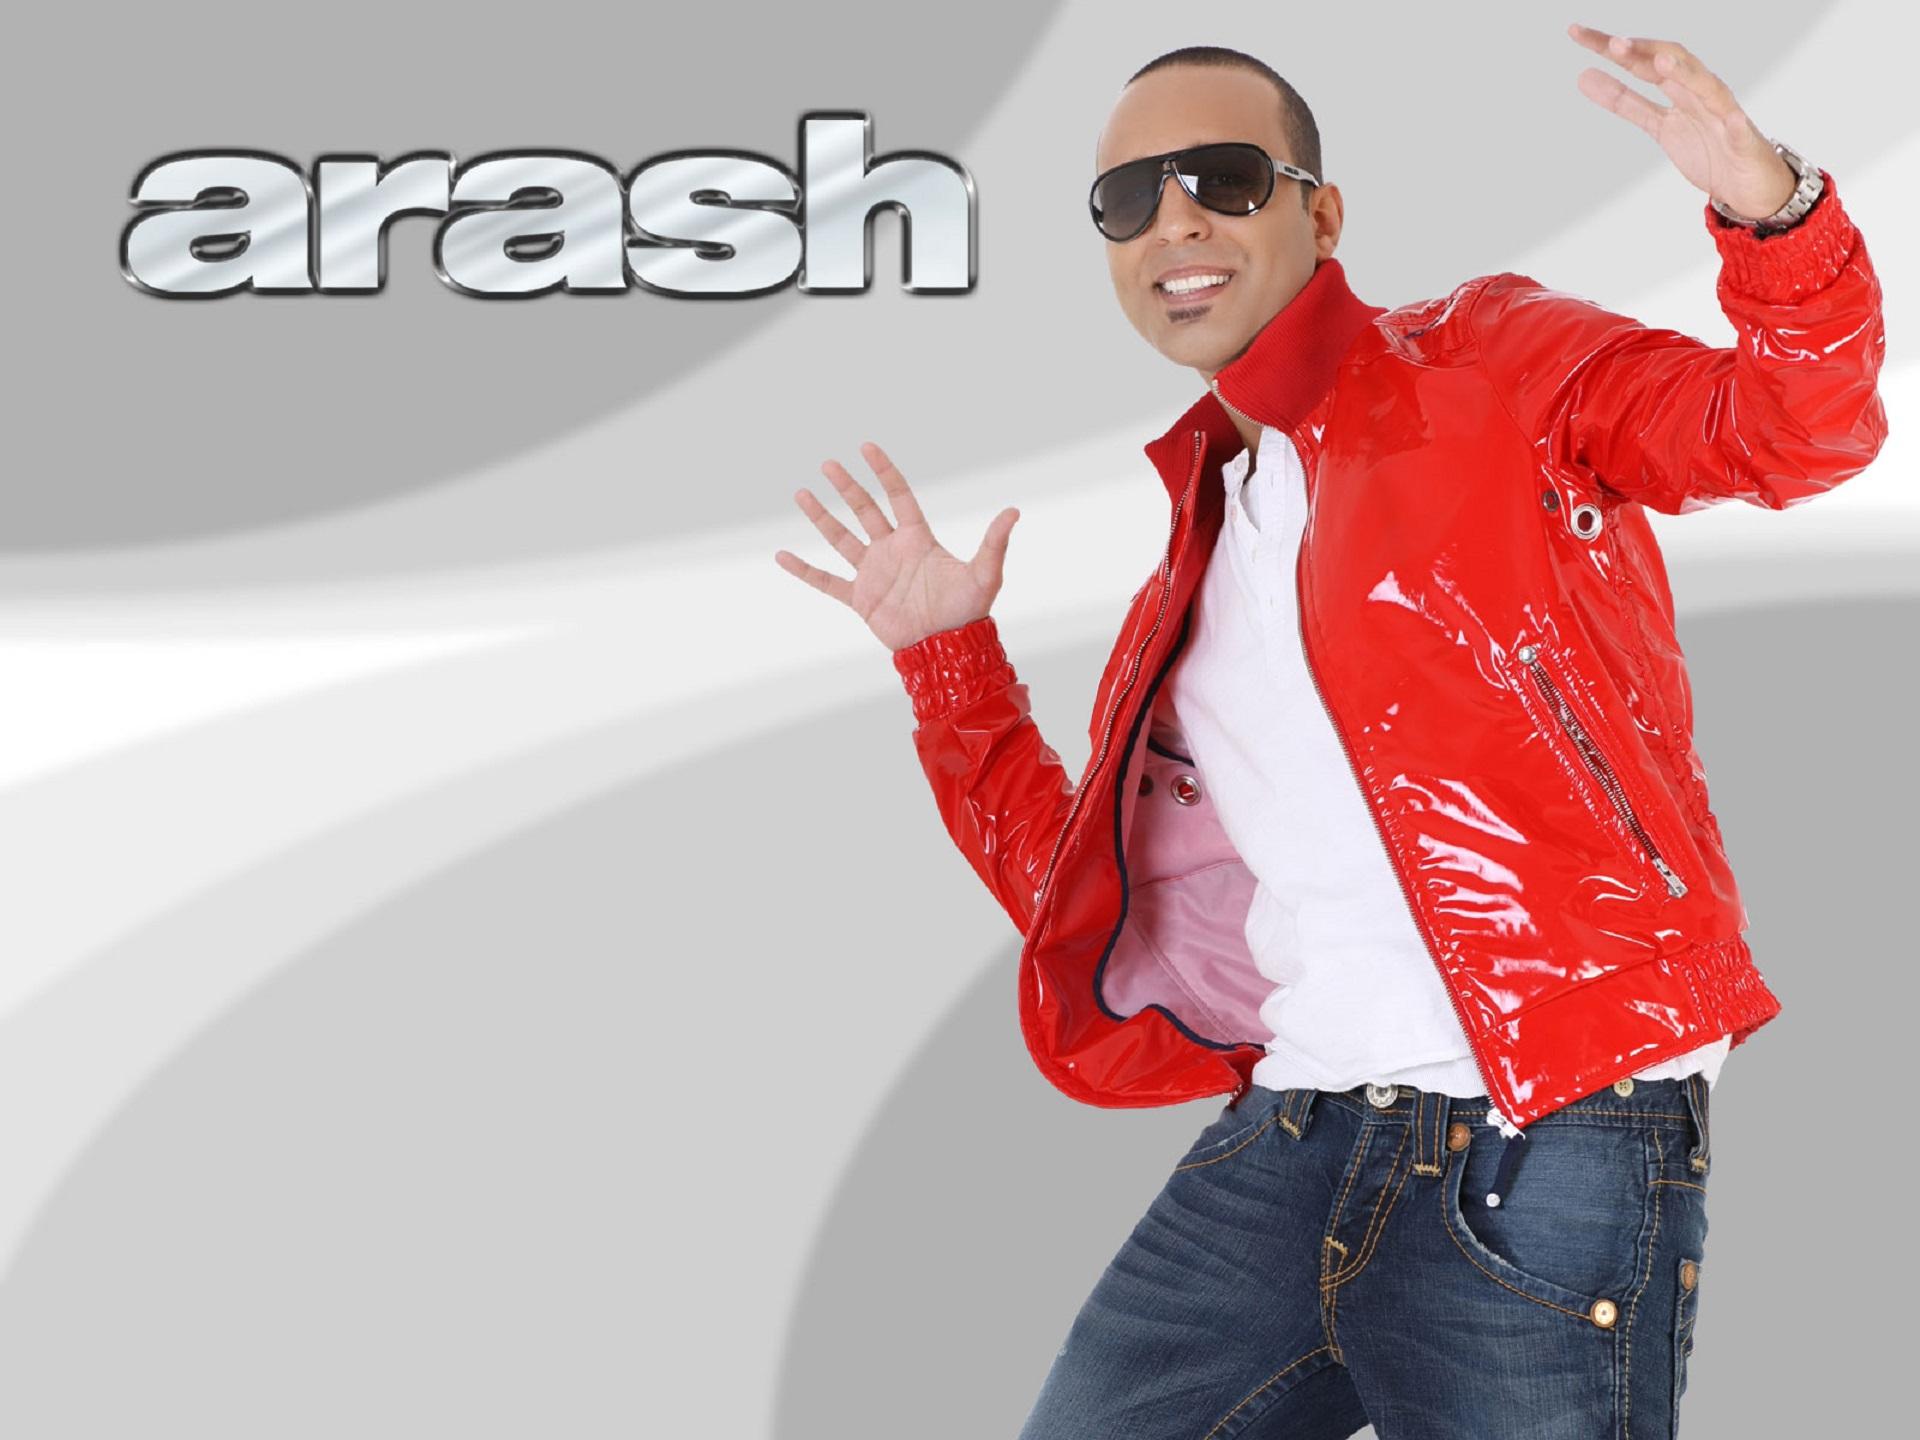 Arash Images